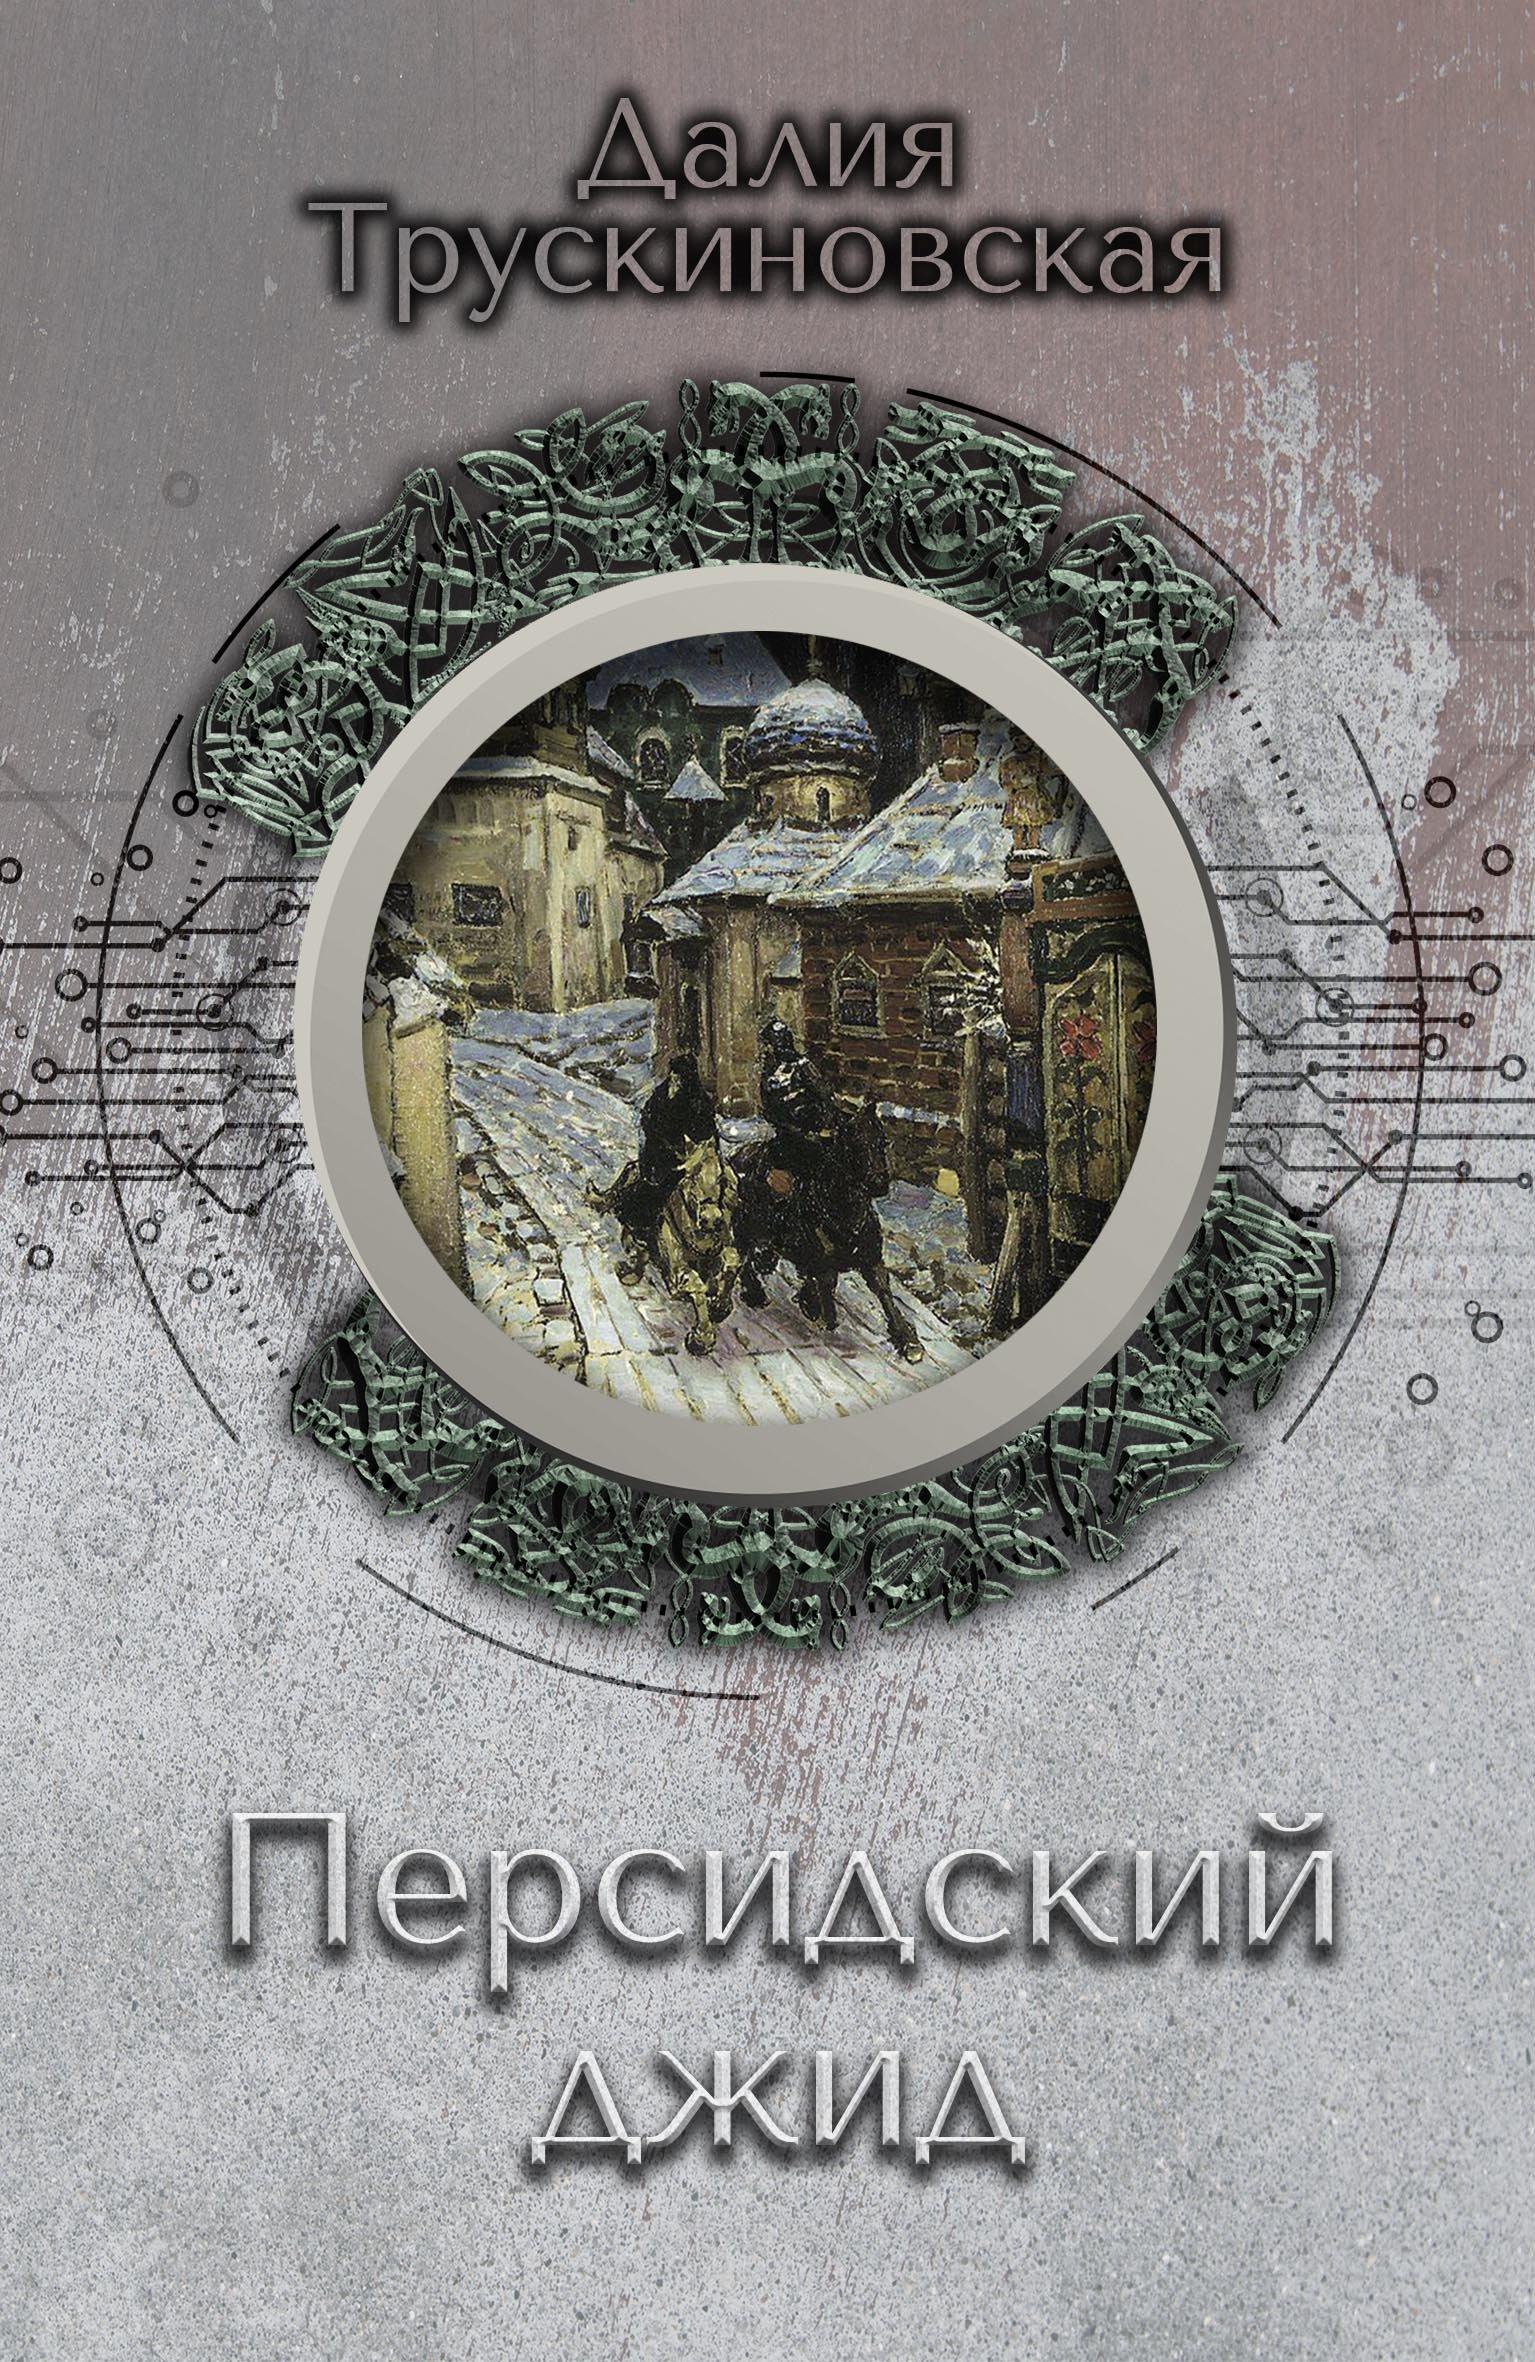 Далия Трускиновская - Персидский джид